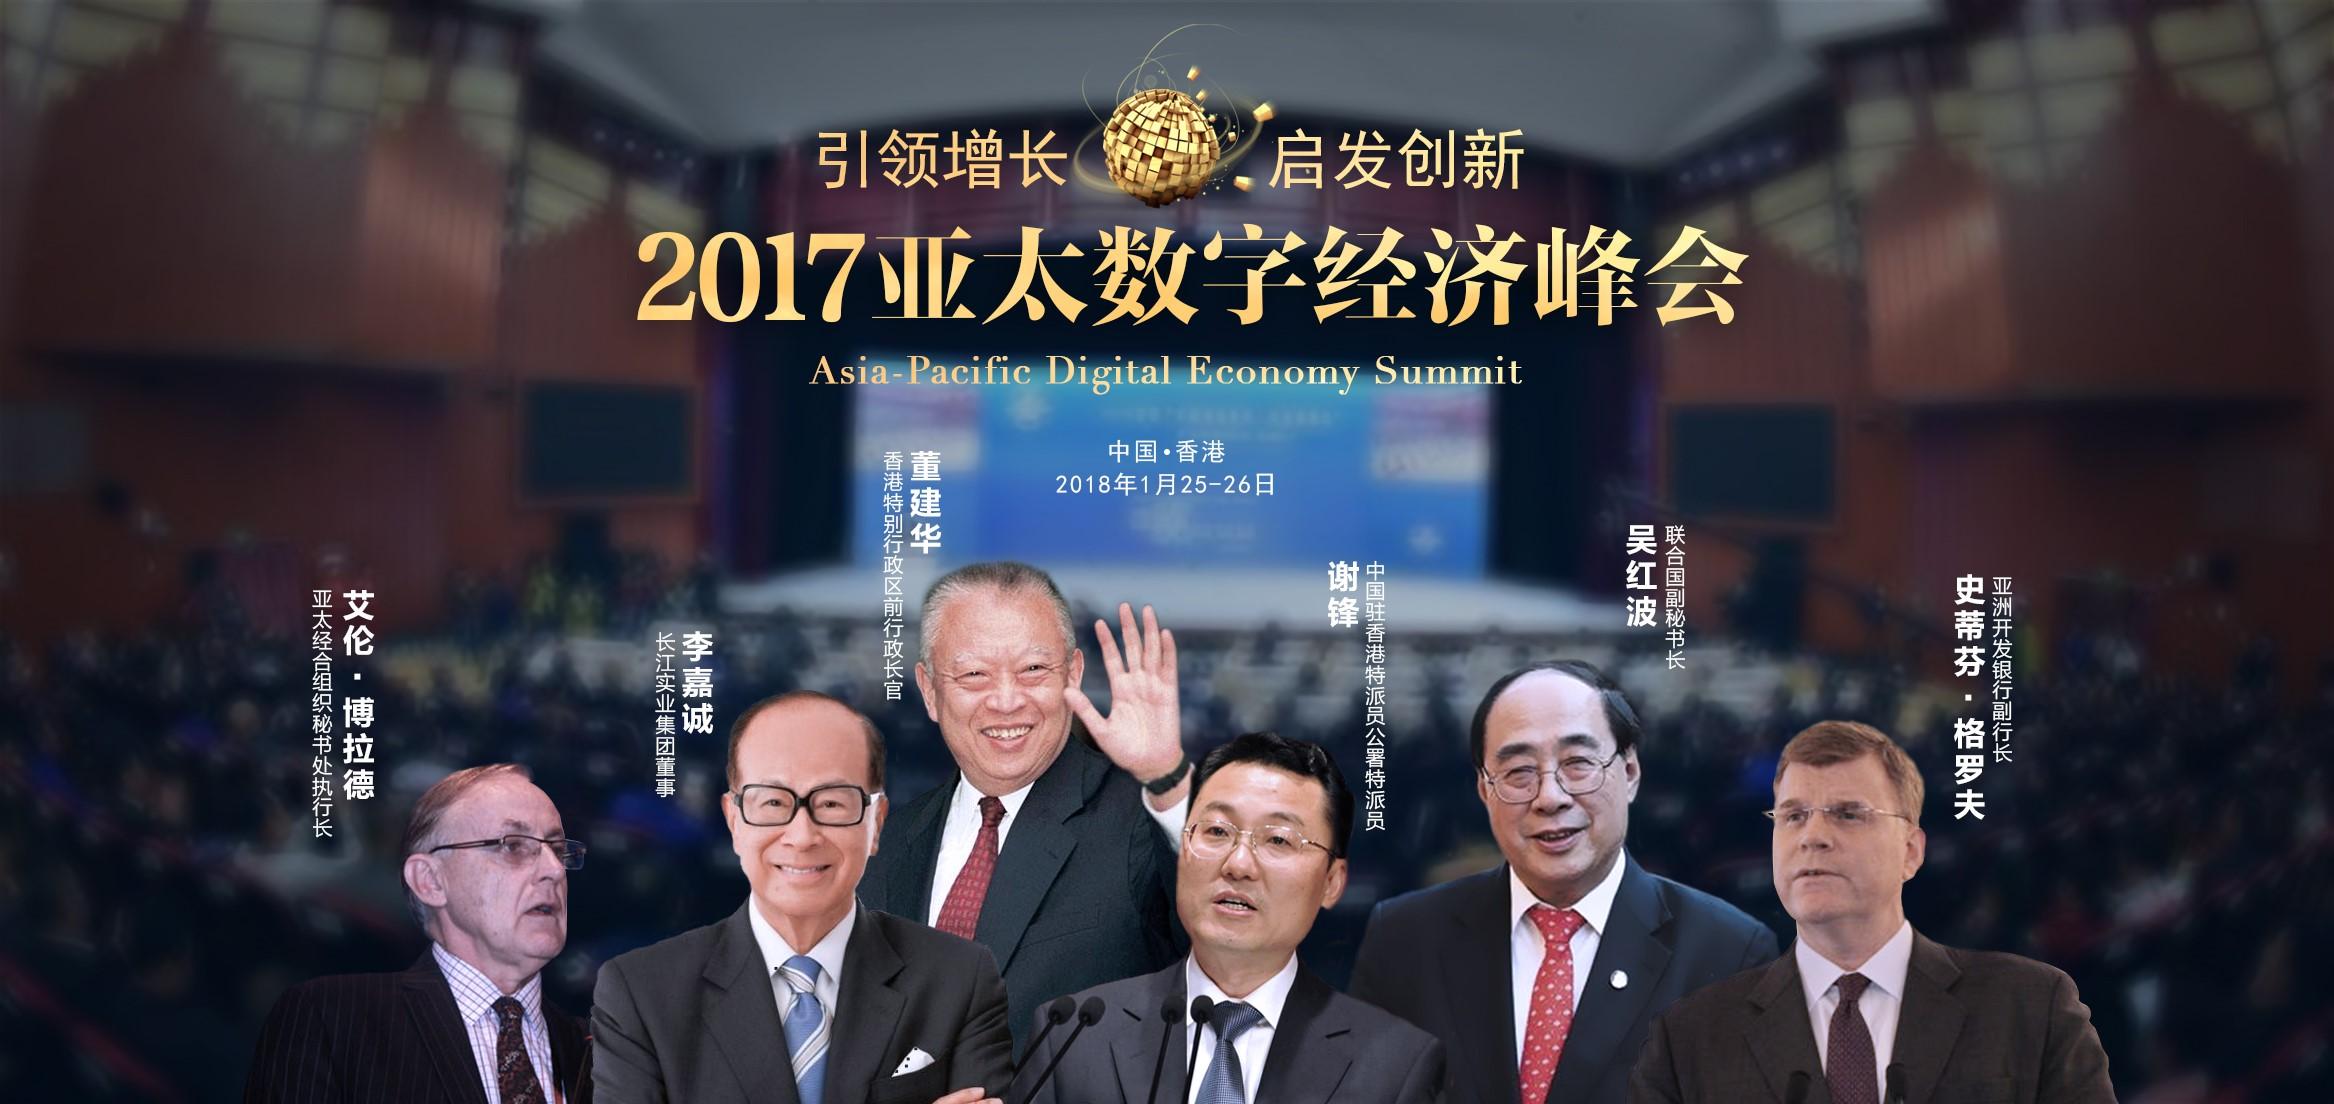 2017亚太数字经济峰会